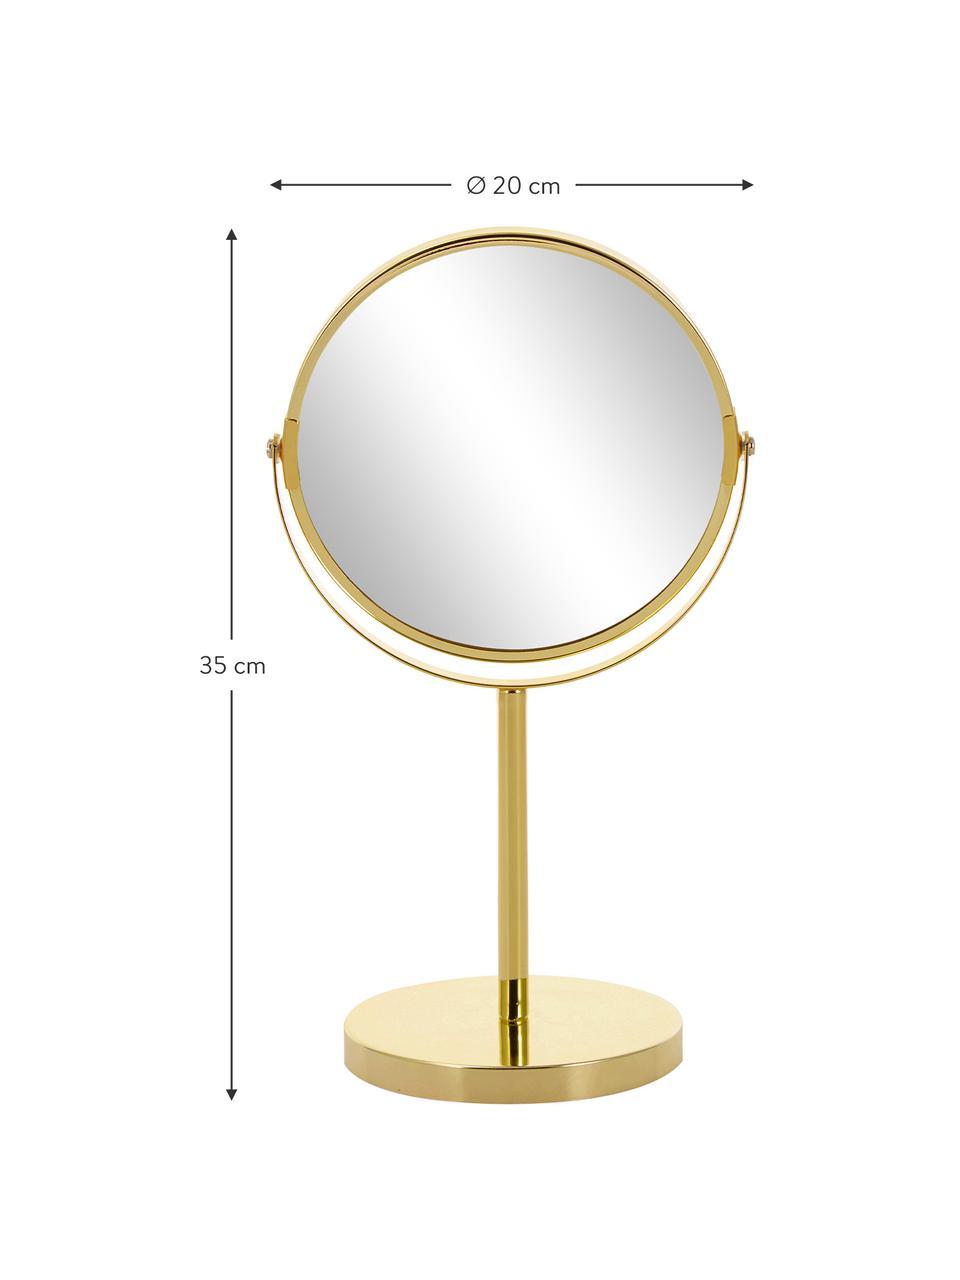 Specchio ingranditore da tavolo Classic, Cornice: metallo, Superficie dello specchio: lastra di vetro, Cornice: dorato, Specchio: lastra di vetro, Ø 20 x Alt. 35 cm